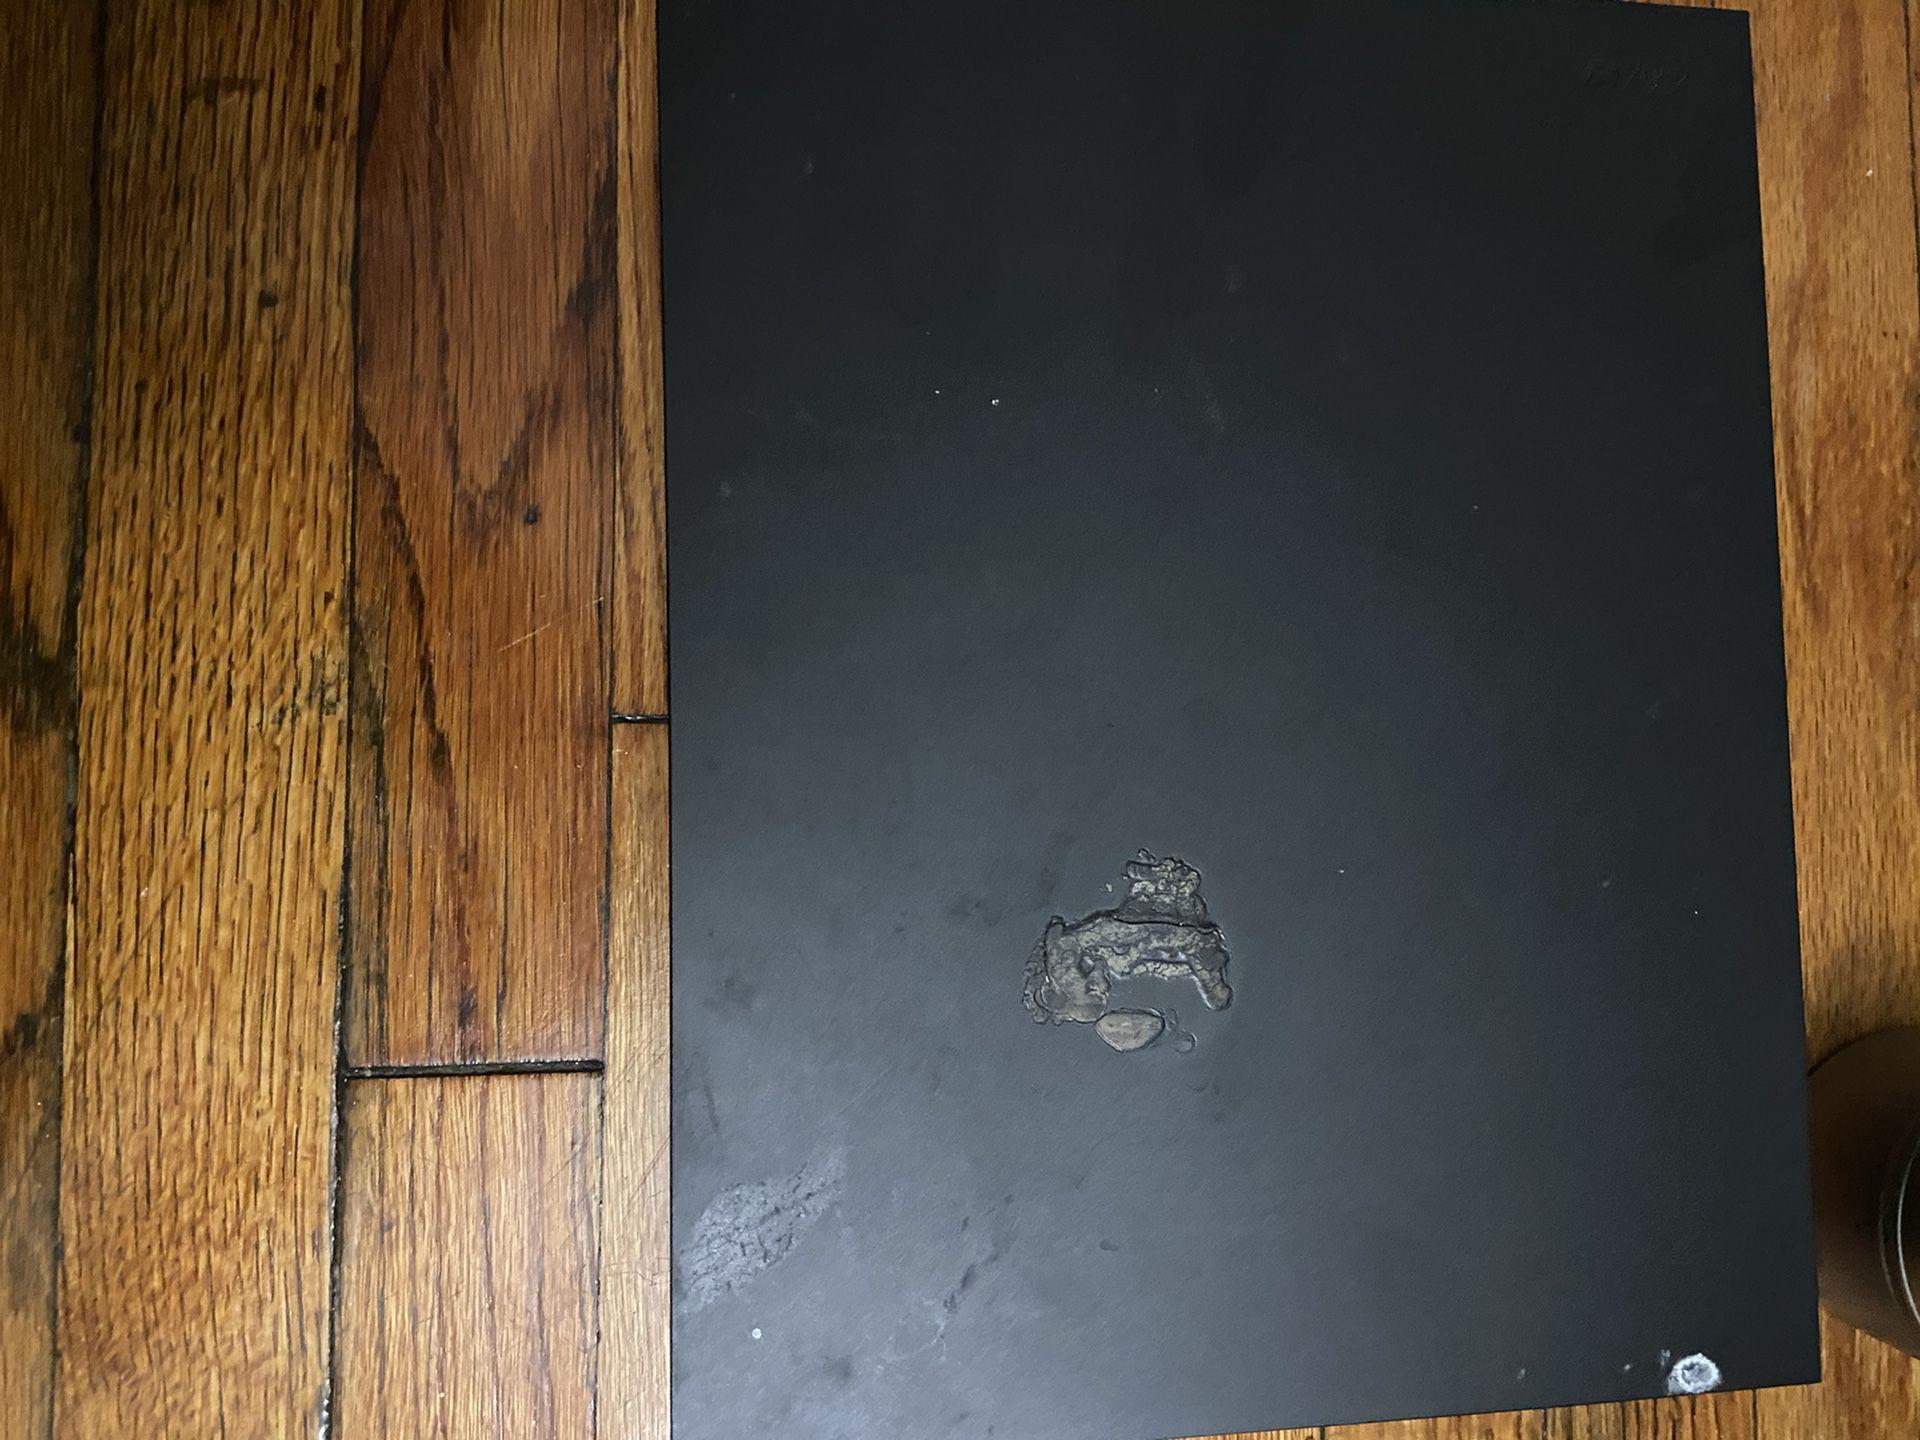 Xbox One X Black